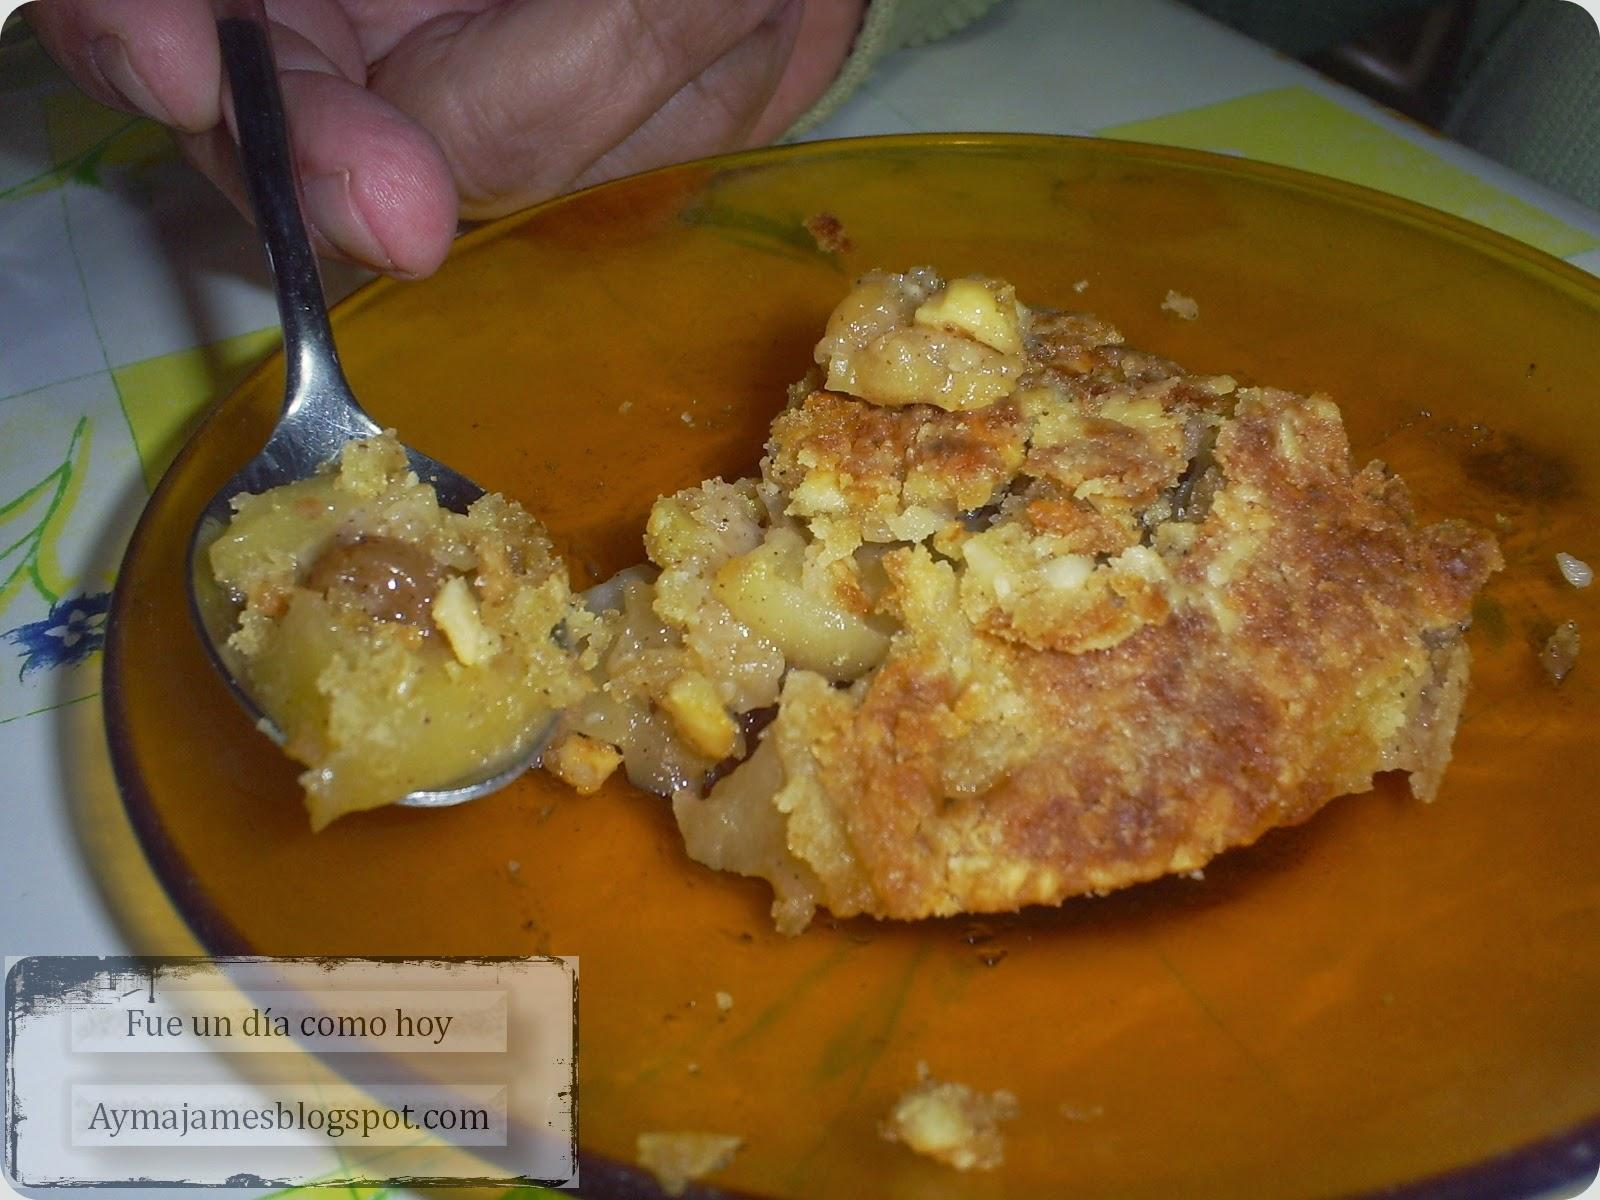 Crujiente de manzana / Fue un día como hoy